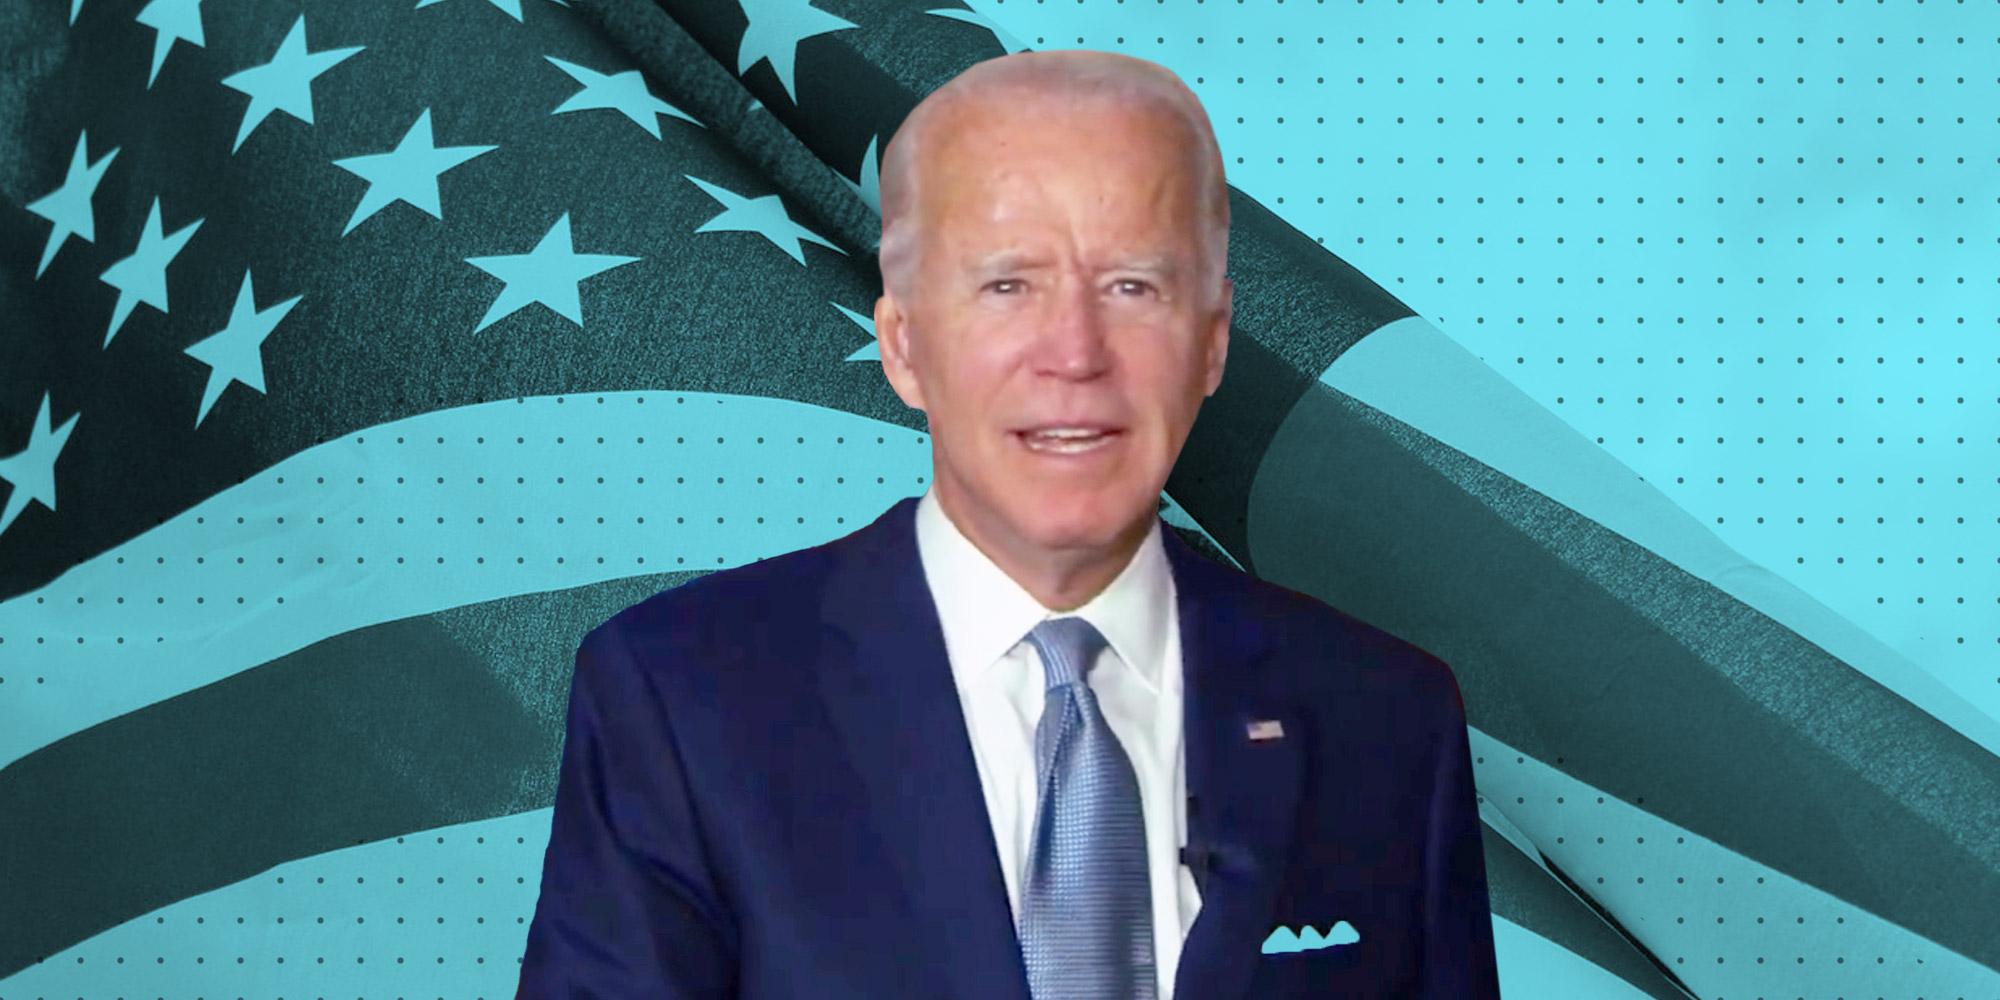 https://cdn.businessinsider.mx/wp-content/uploads/2020/08/19110038/Joe-Biden.jpg